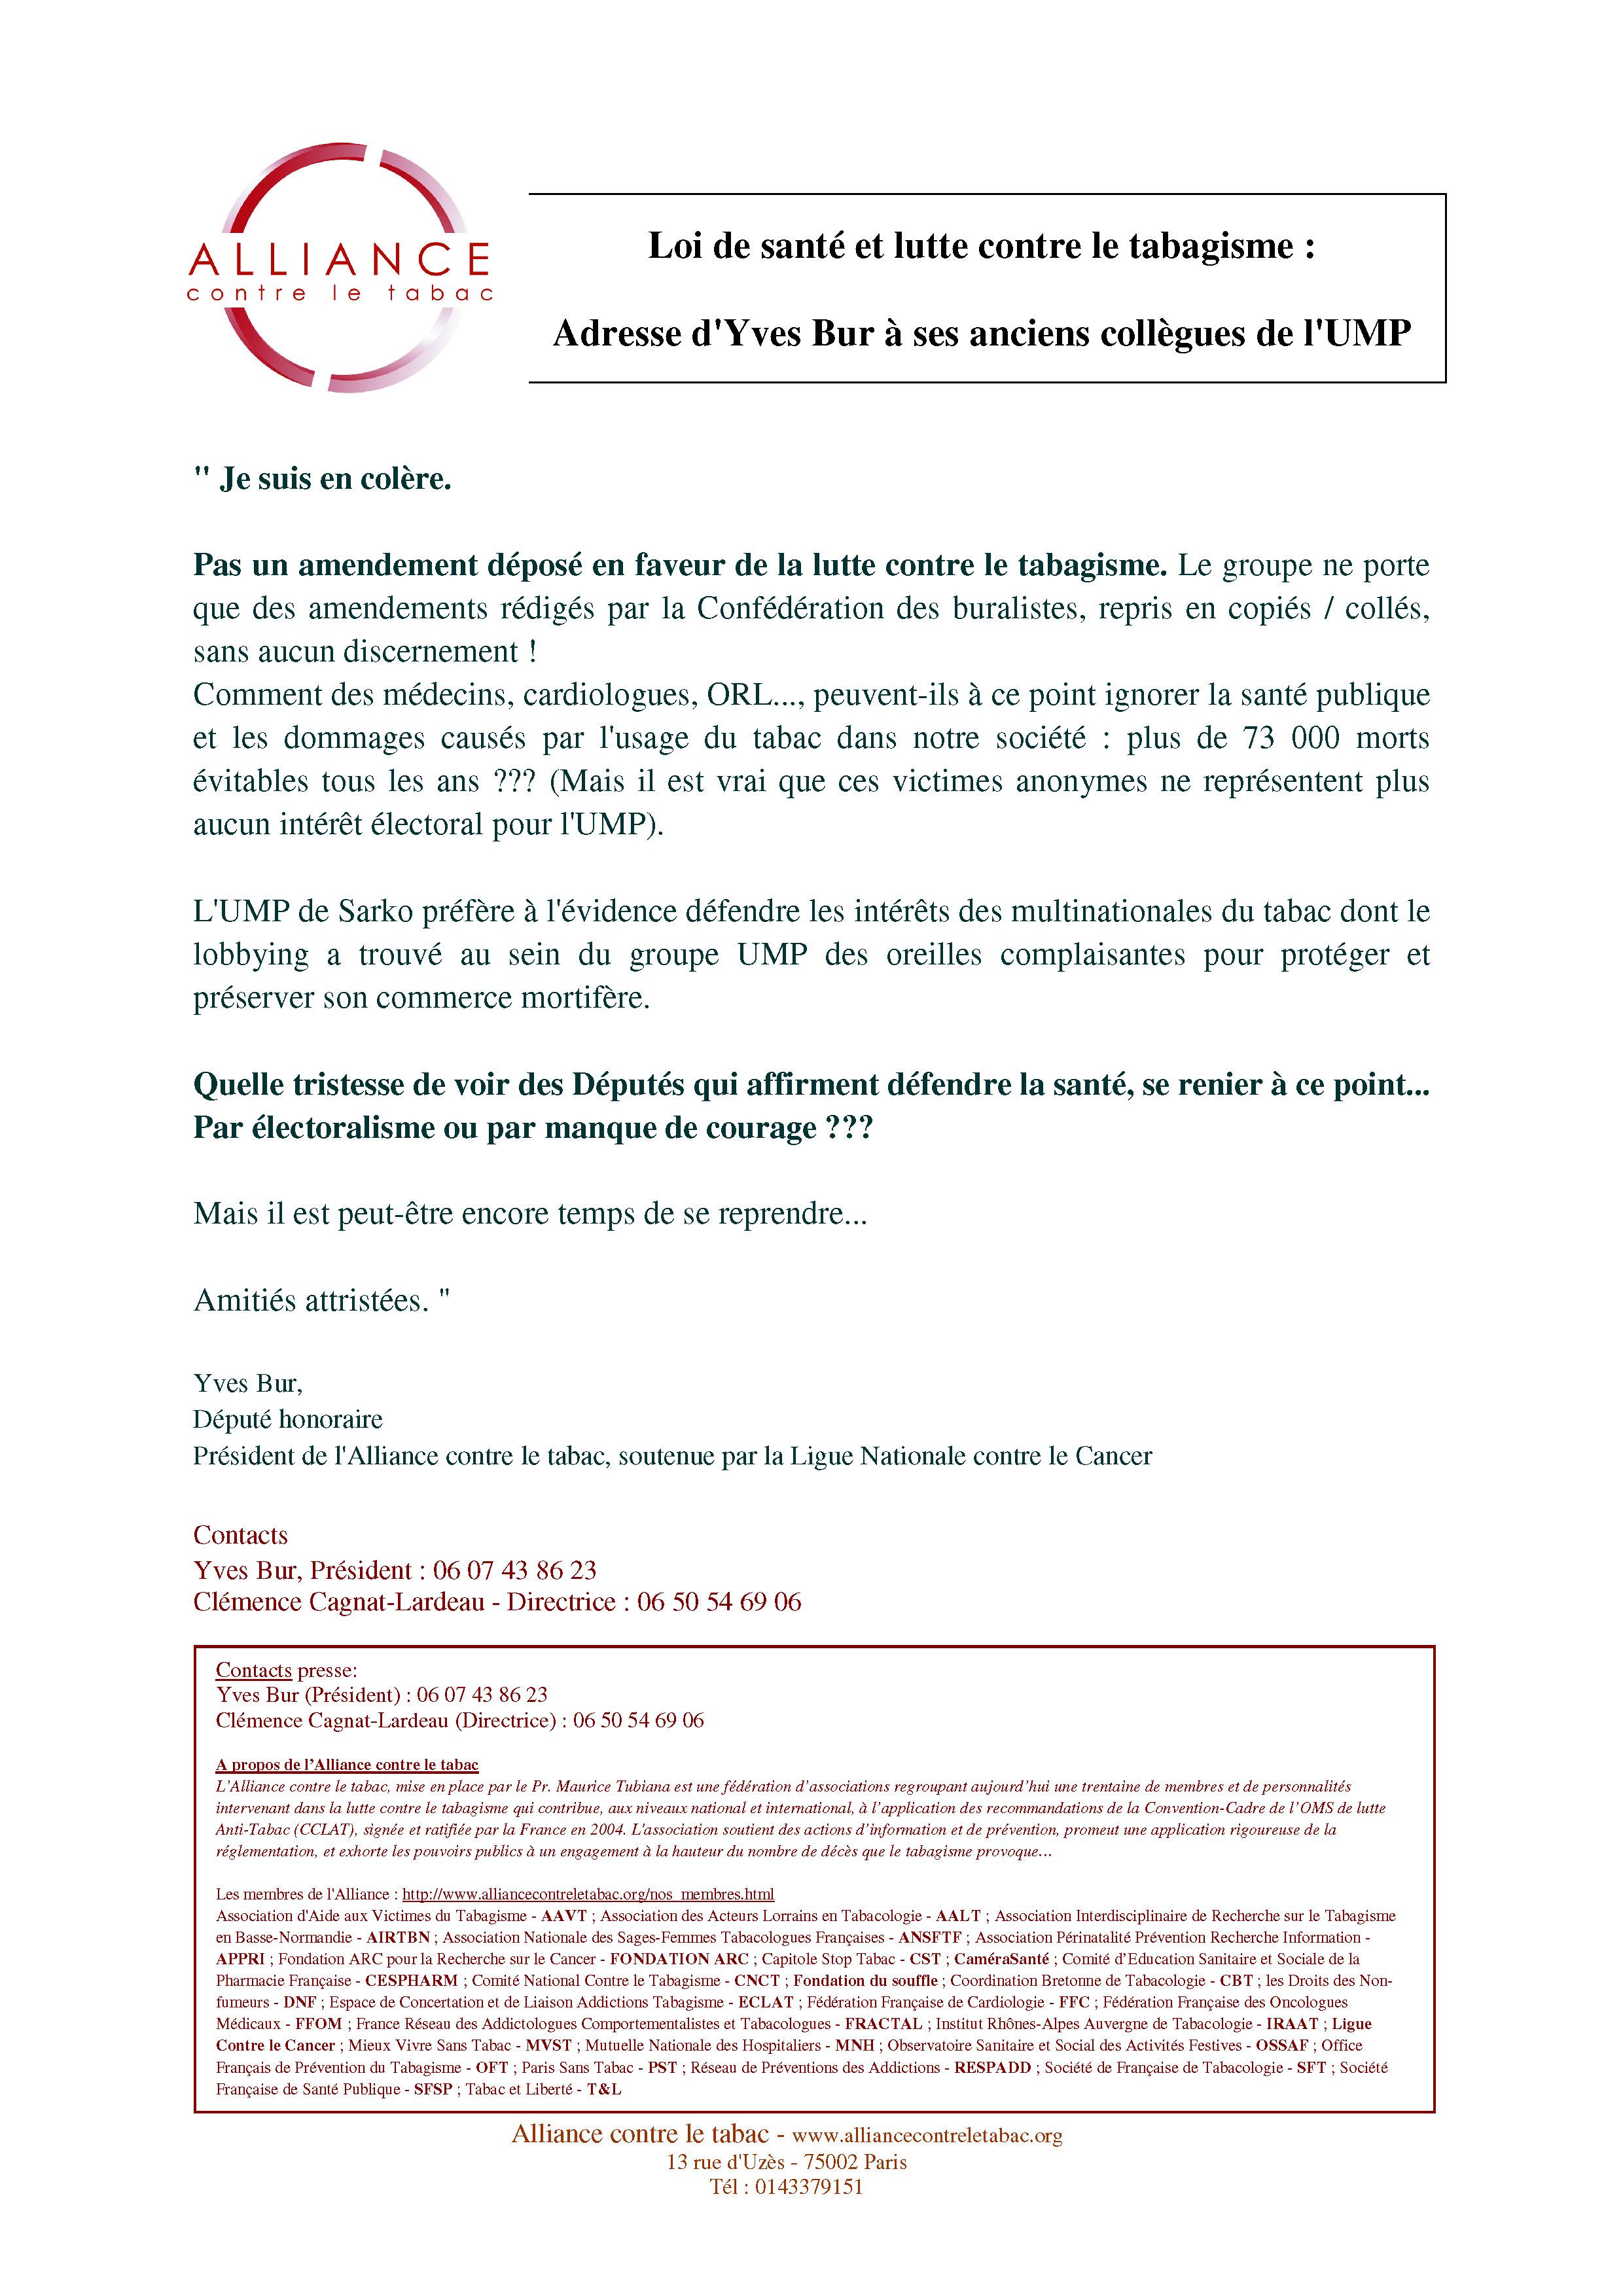 Alliance-CP_lutte-contre-le-tabagisme-adresse-d-yves-bur-a-ses-collegues-de-l-ump-01avril2015.jpg